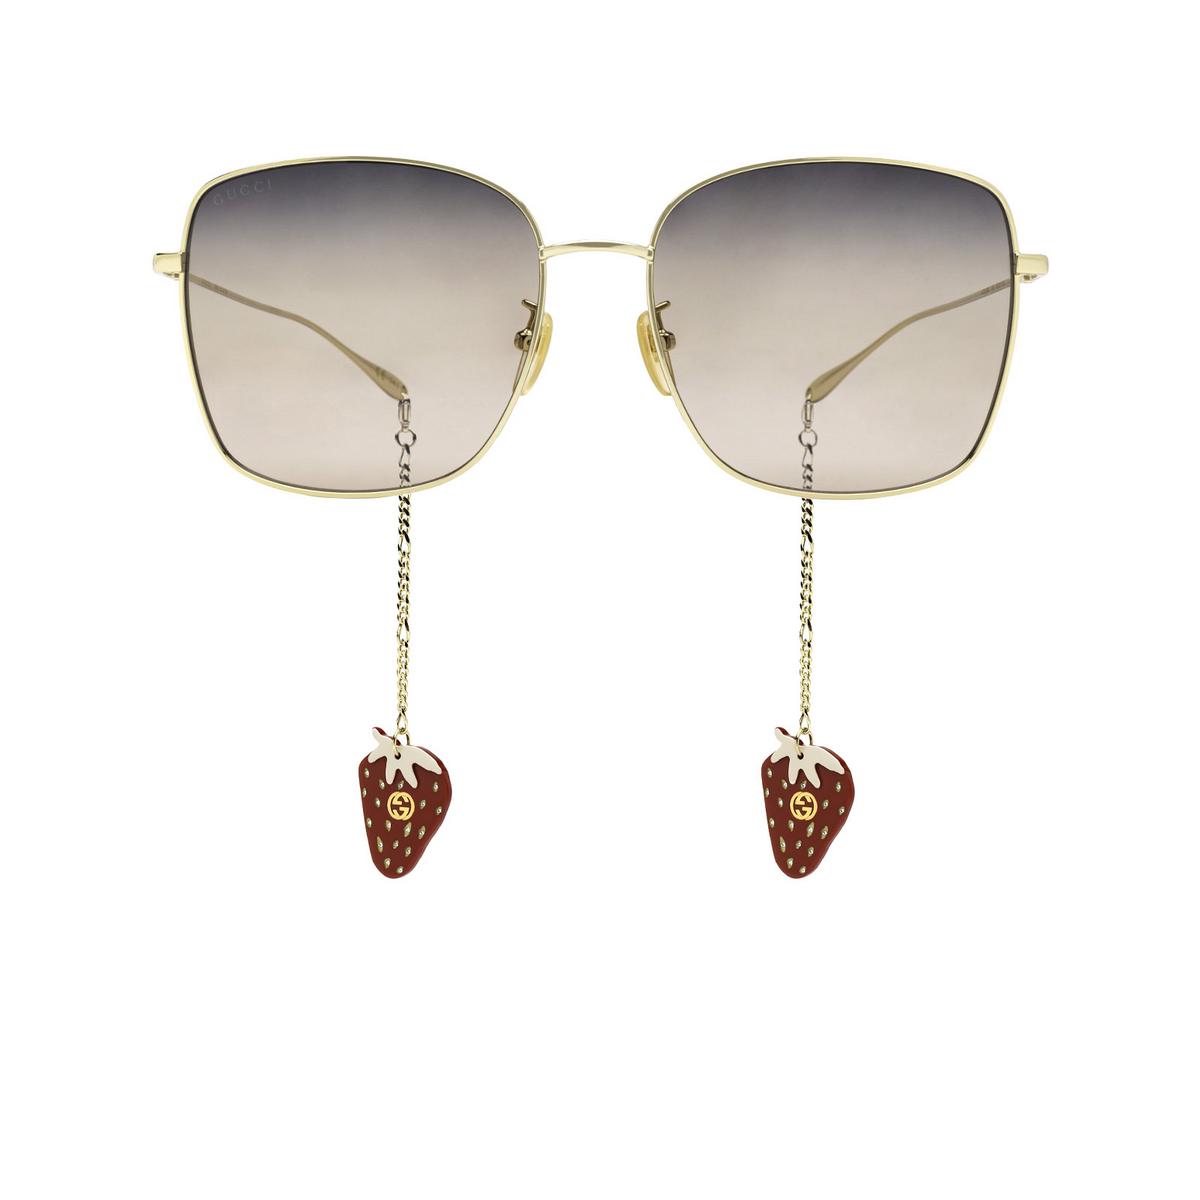 Gucci® Square Sunglasses: GG1030SK color Gold 005 - front view.